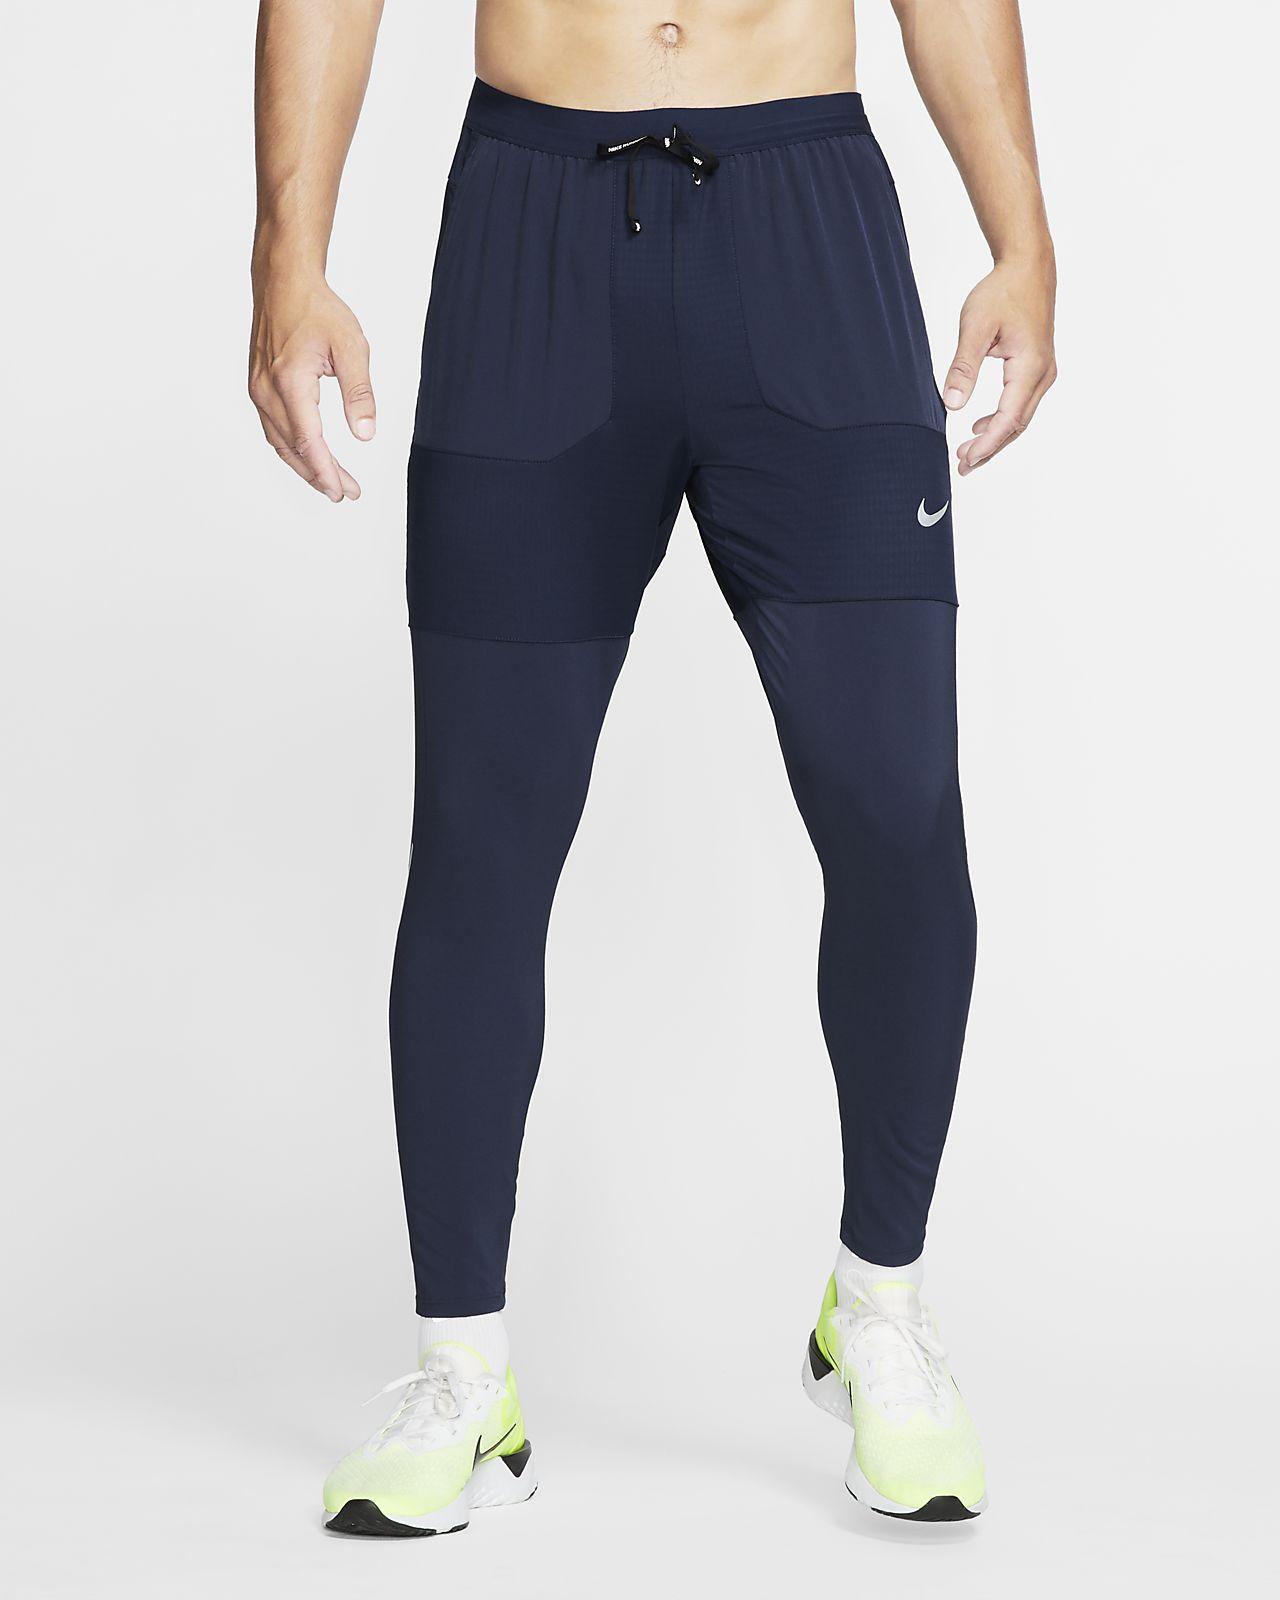 Nike Phenom-løbebukser til mænd